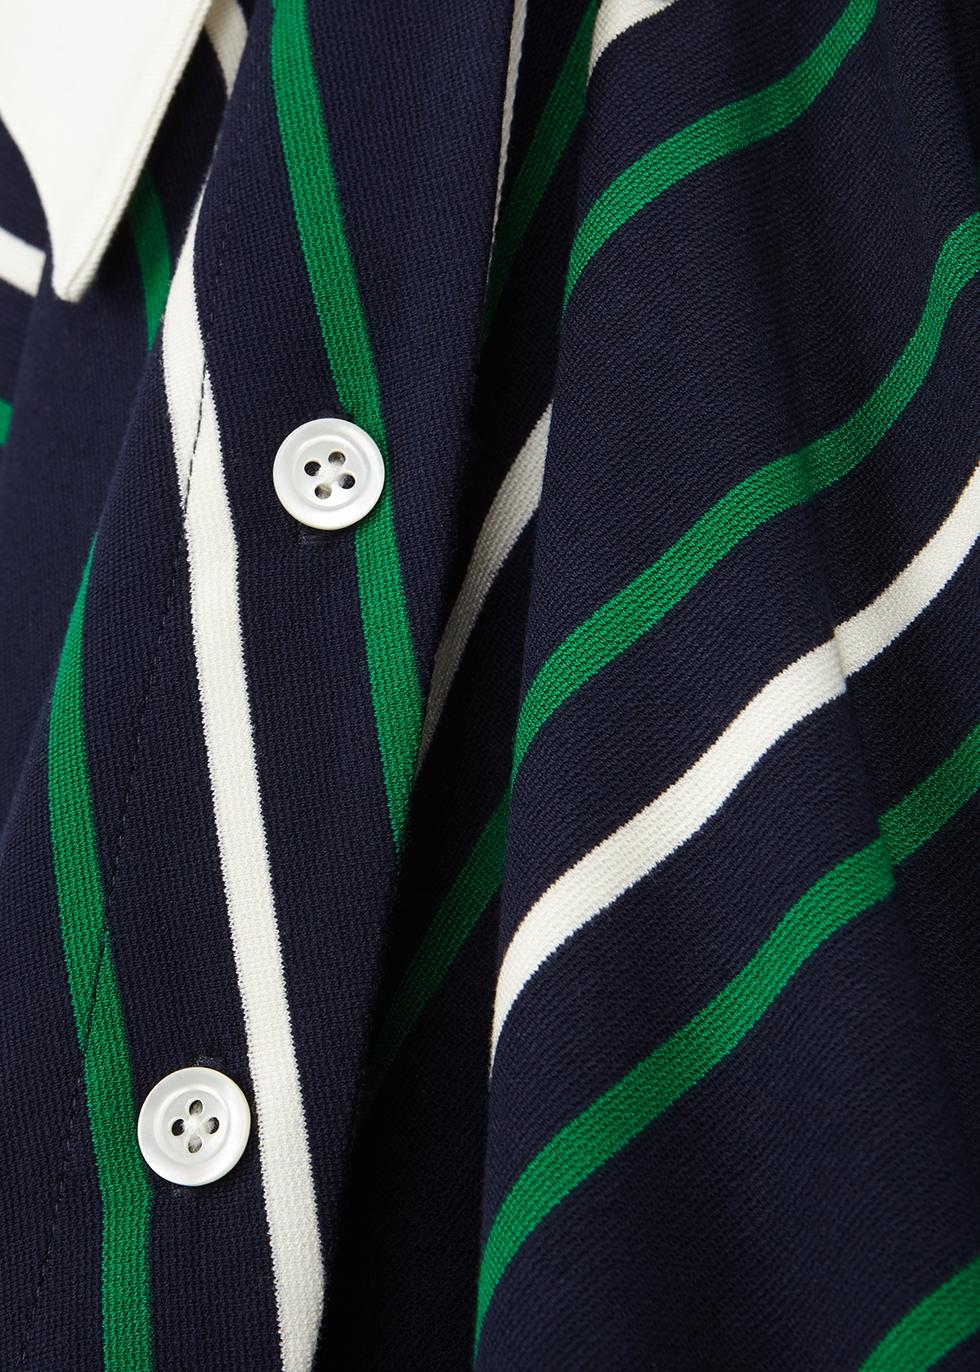 Striped jersey dress - MONSE